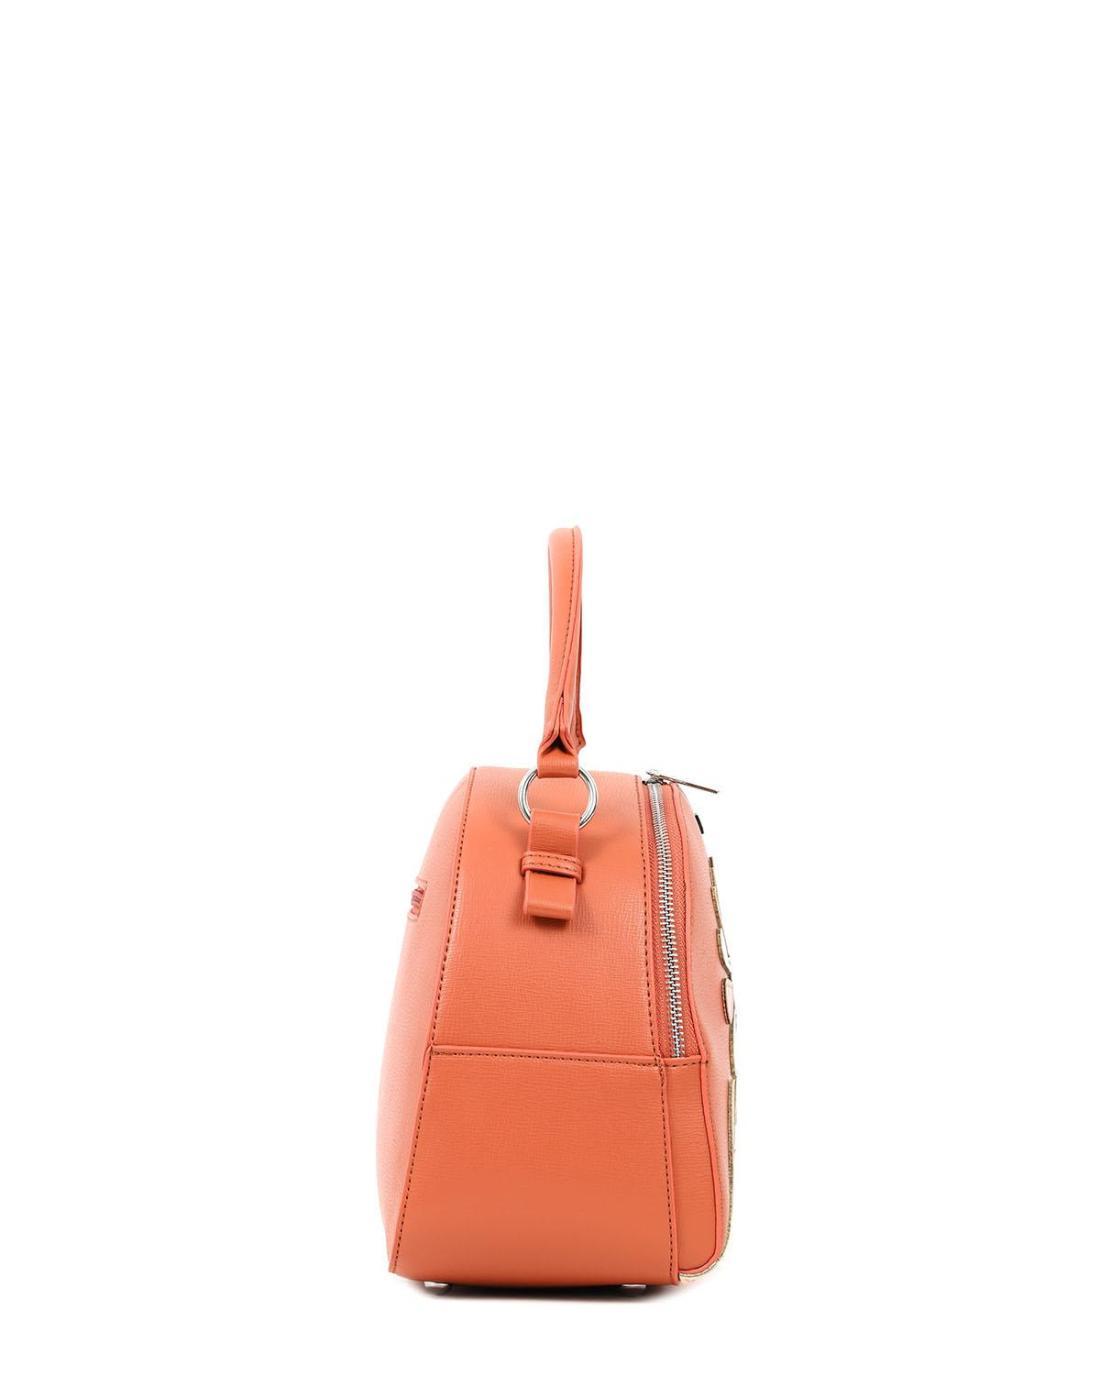 Καθημερινή τσάντα χειρός ροζ